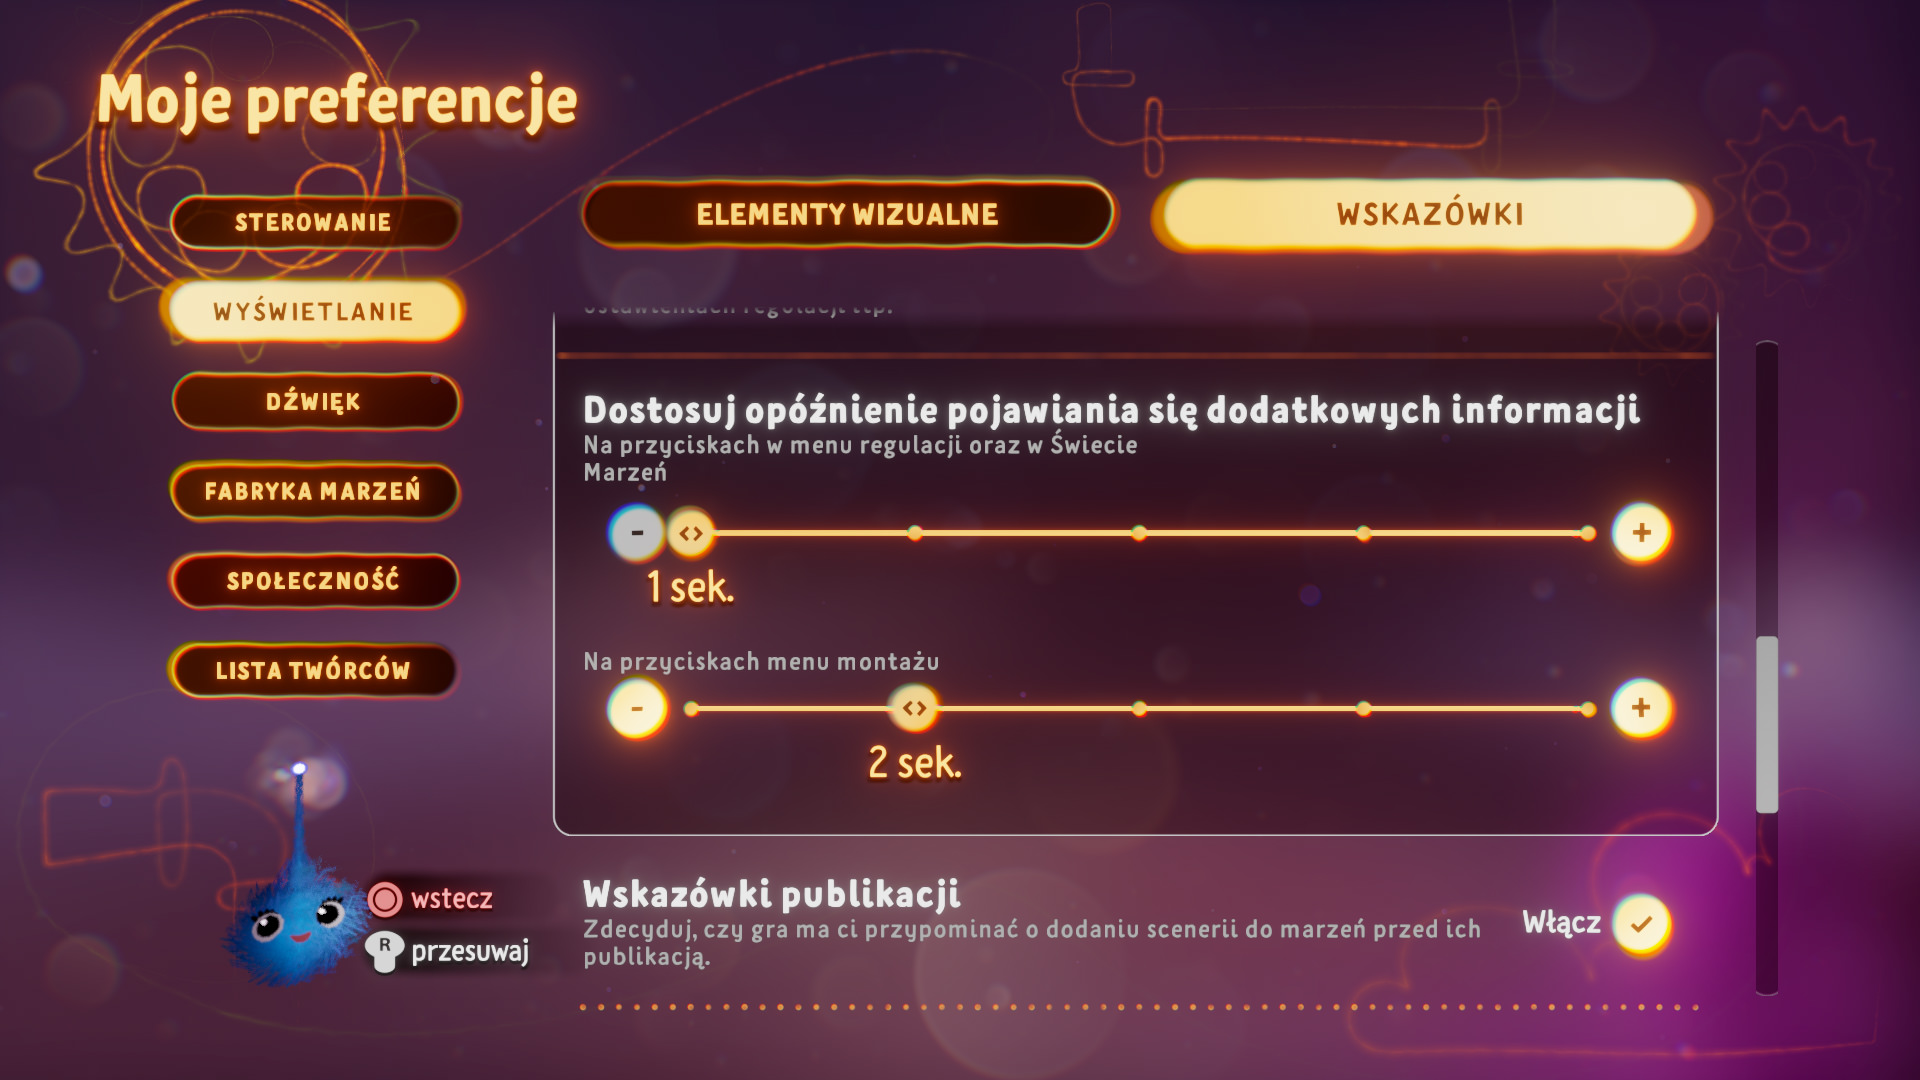 Zrzut ekranu przedstawiający opcje sugestii w menu preferencji